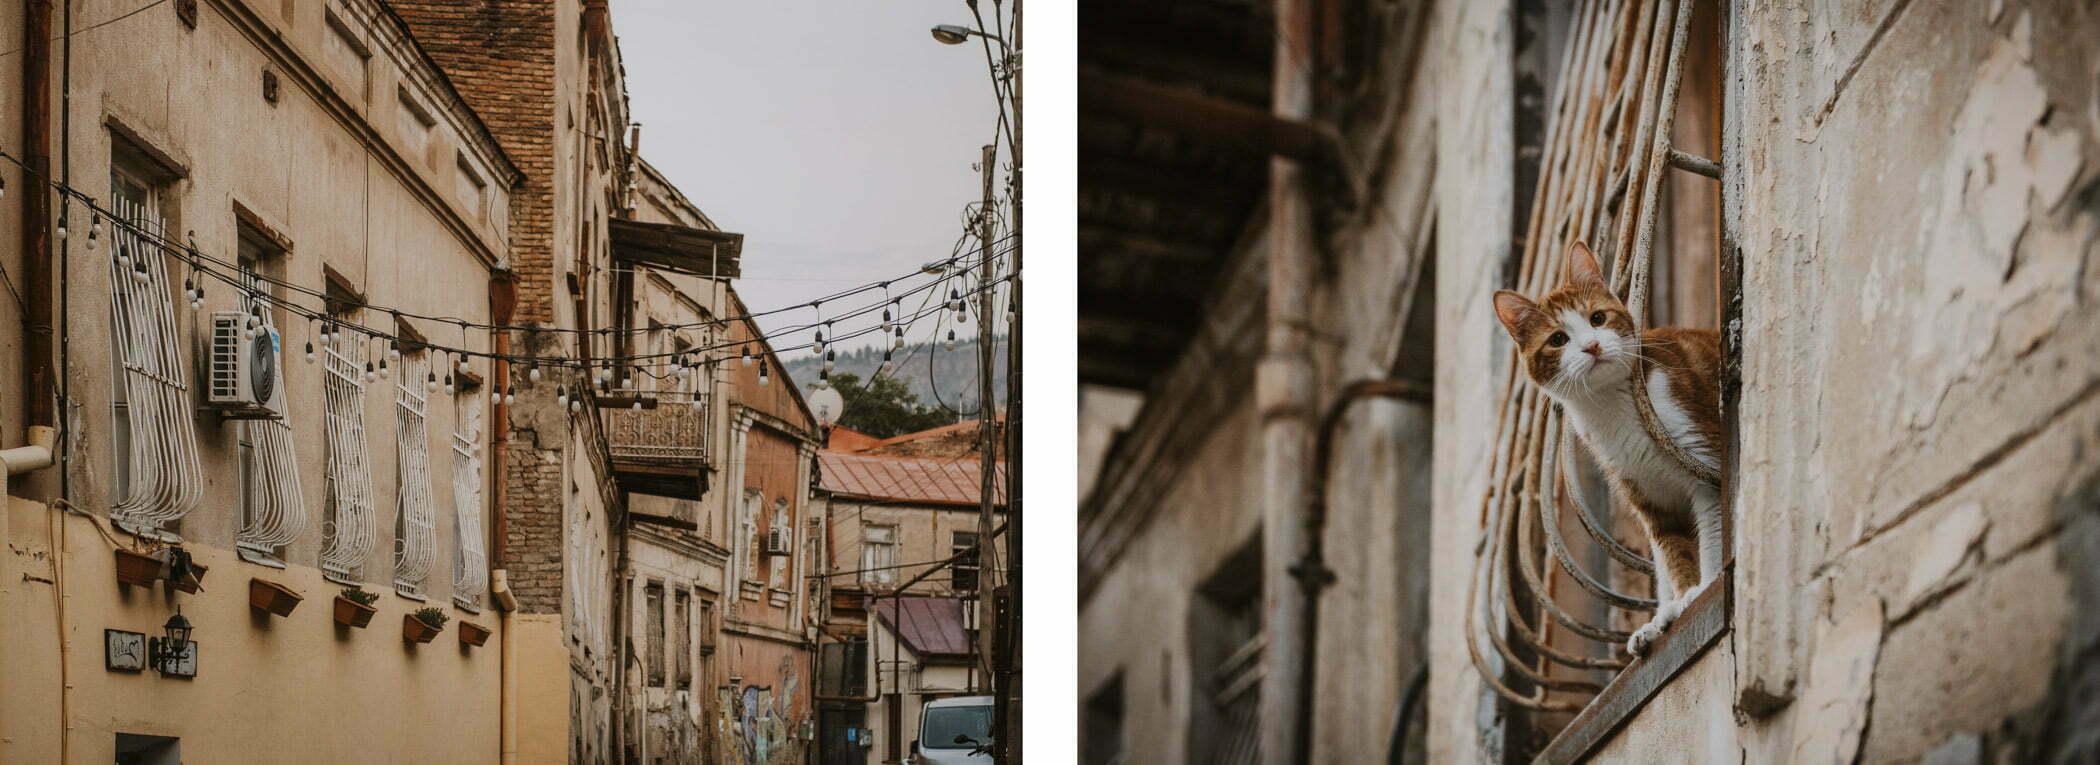 Stare Miasto - koty Tbilisi